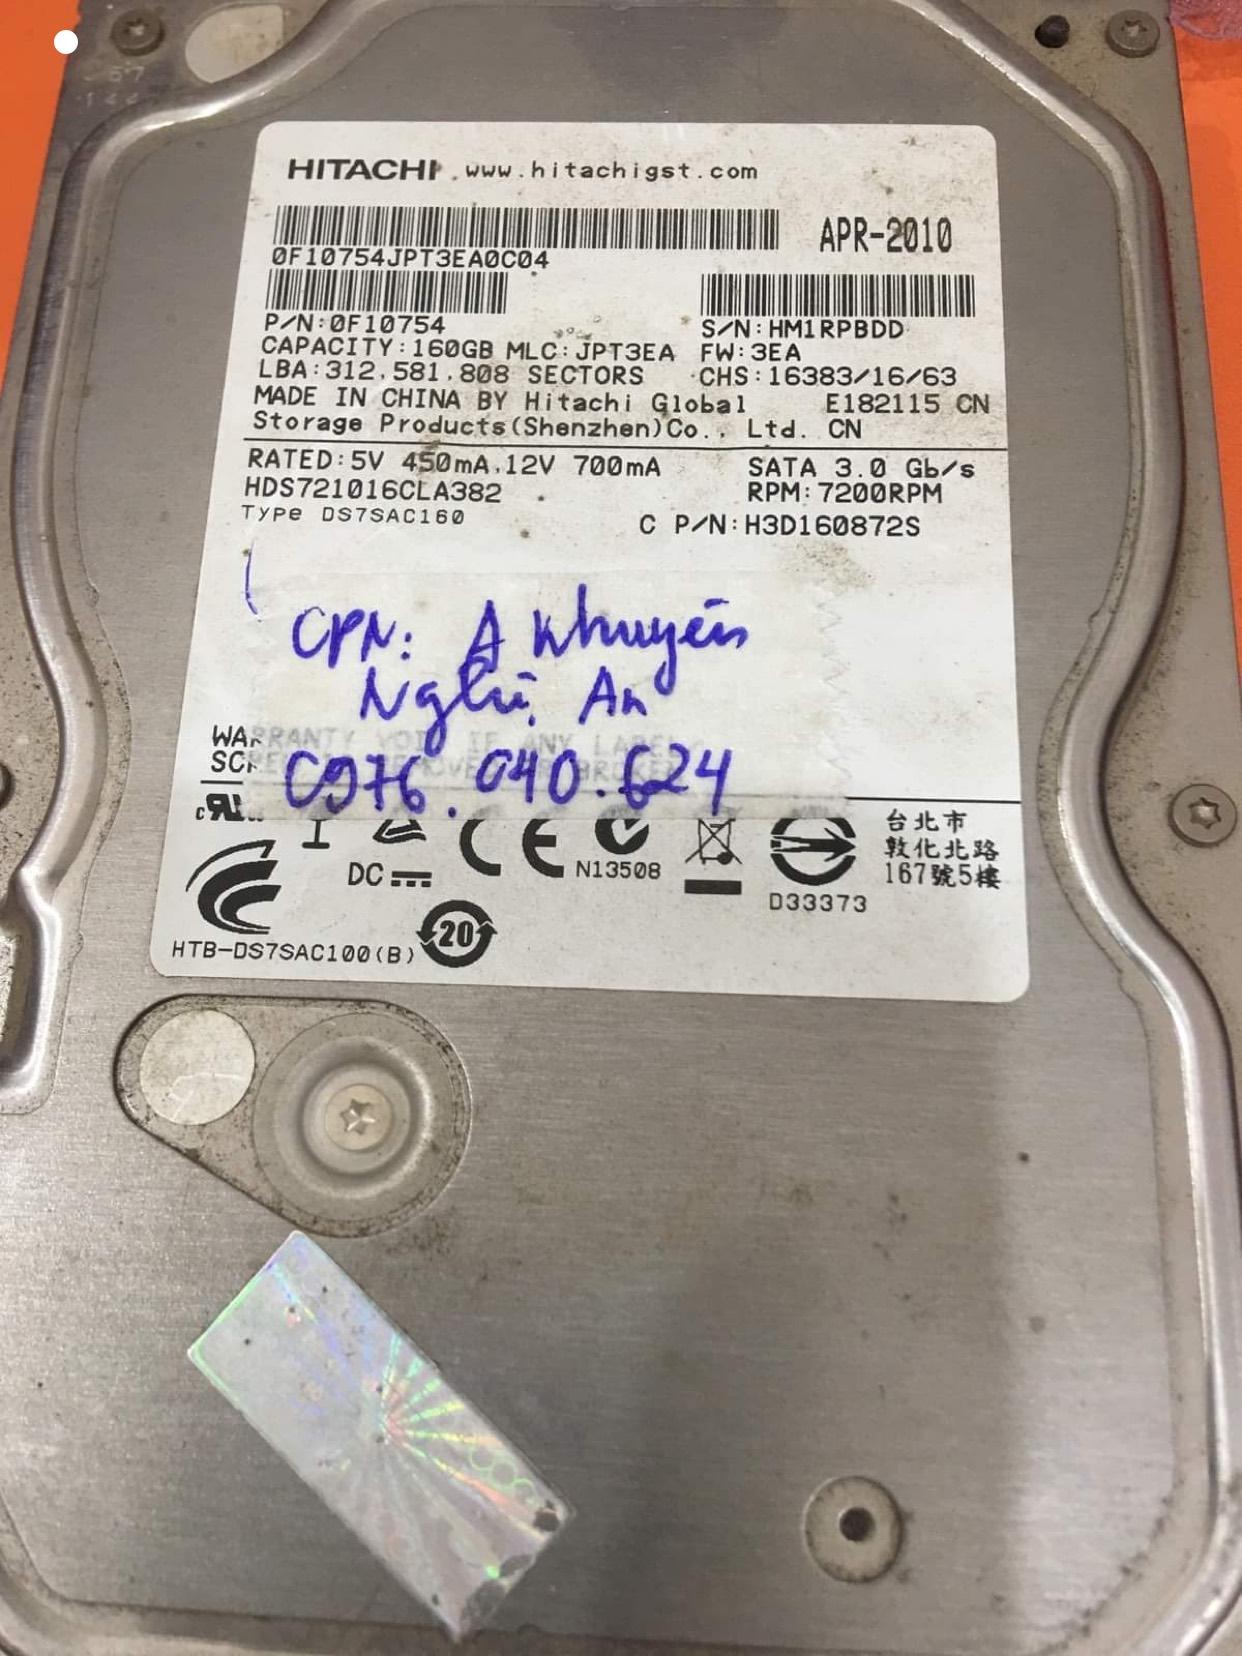 Khôi phục dữ liệu ổ cứng Hitachi 160GB bad tại Nghệ An 21/09/2020 - cuumaytinh